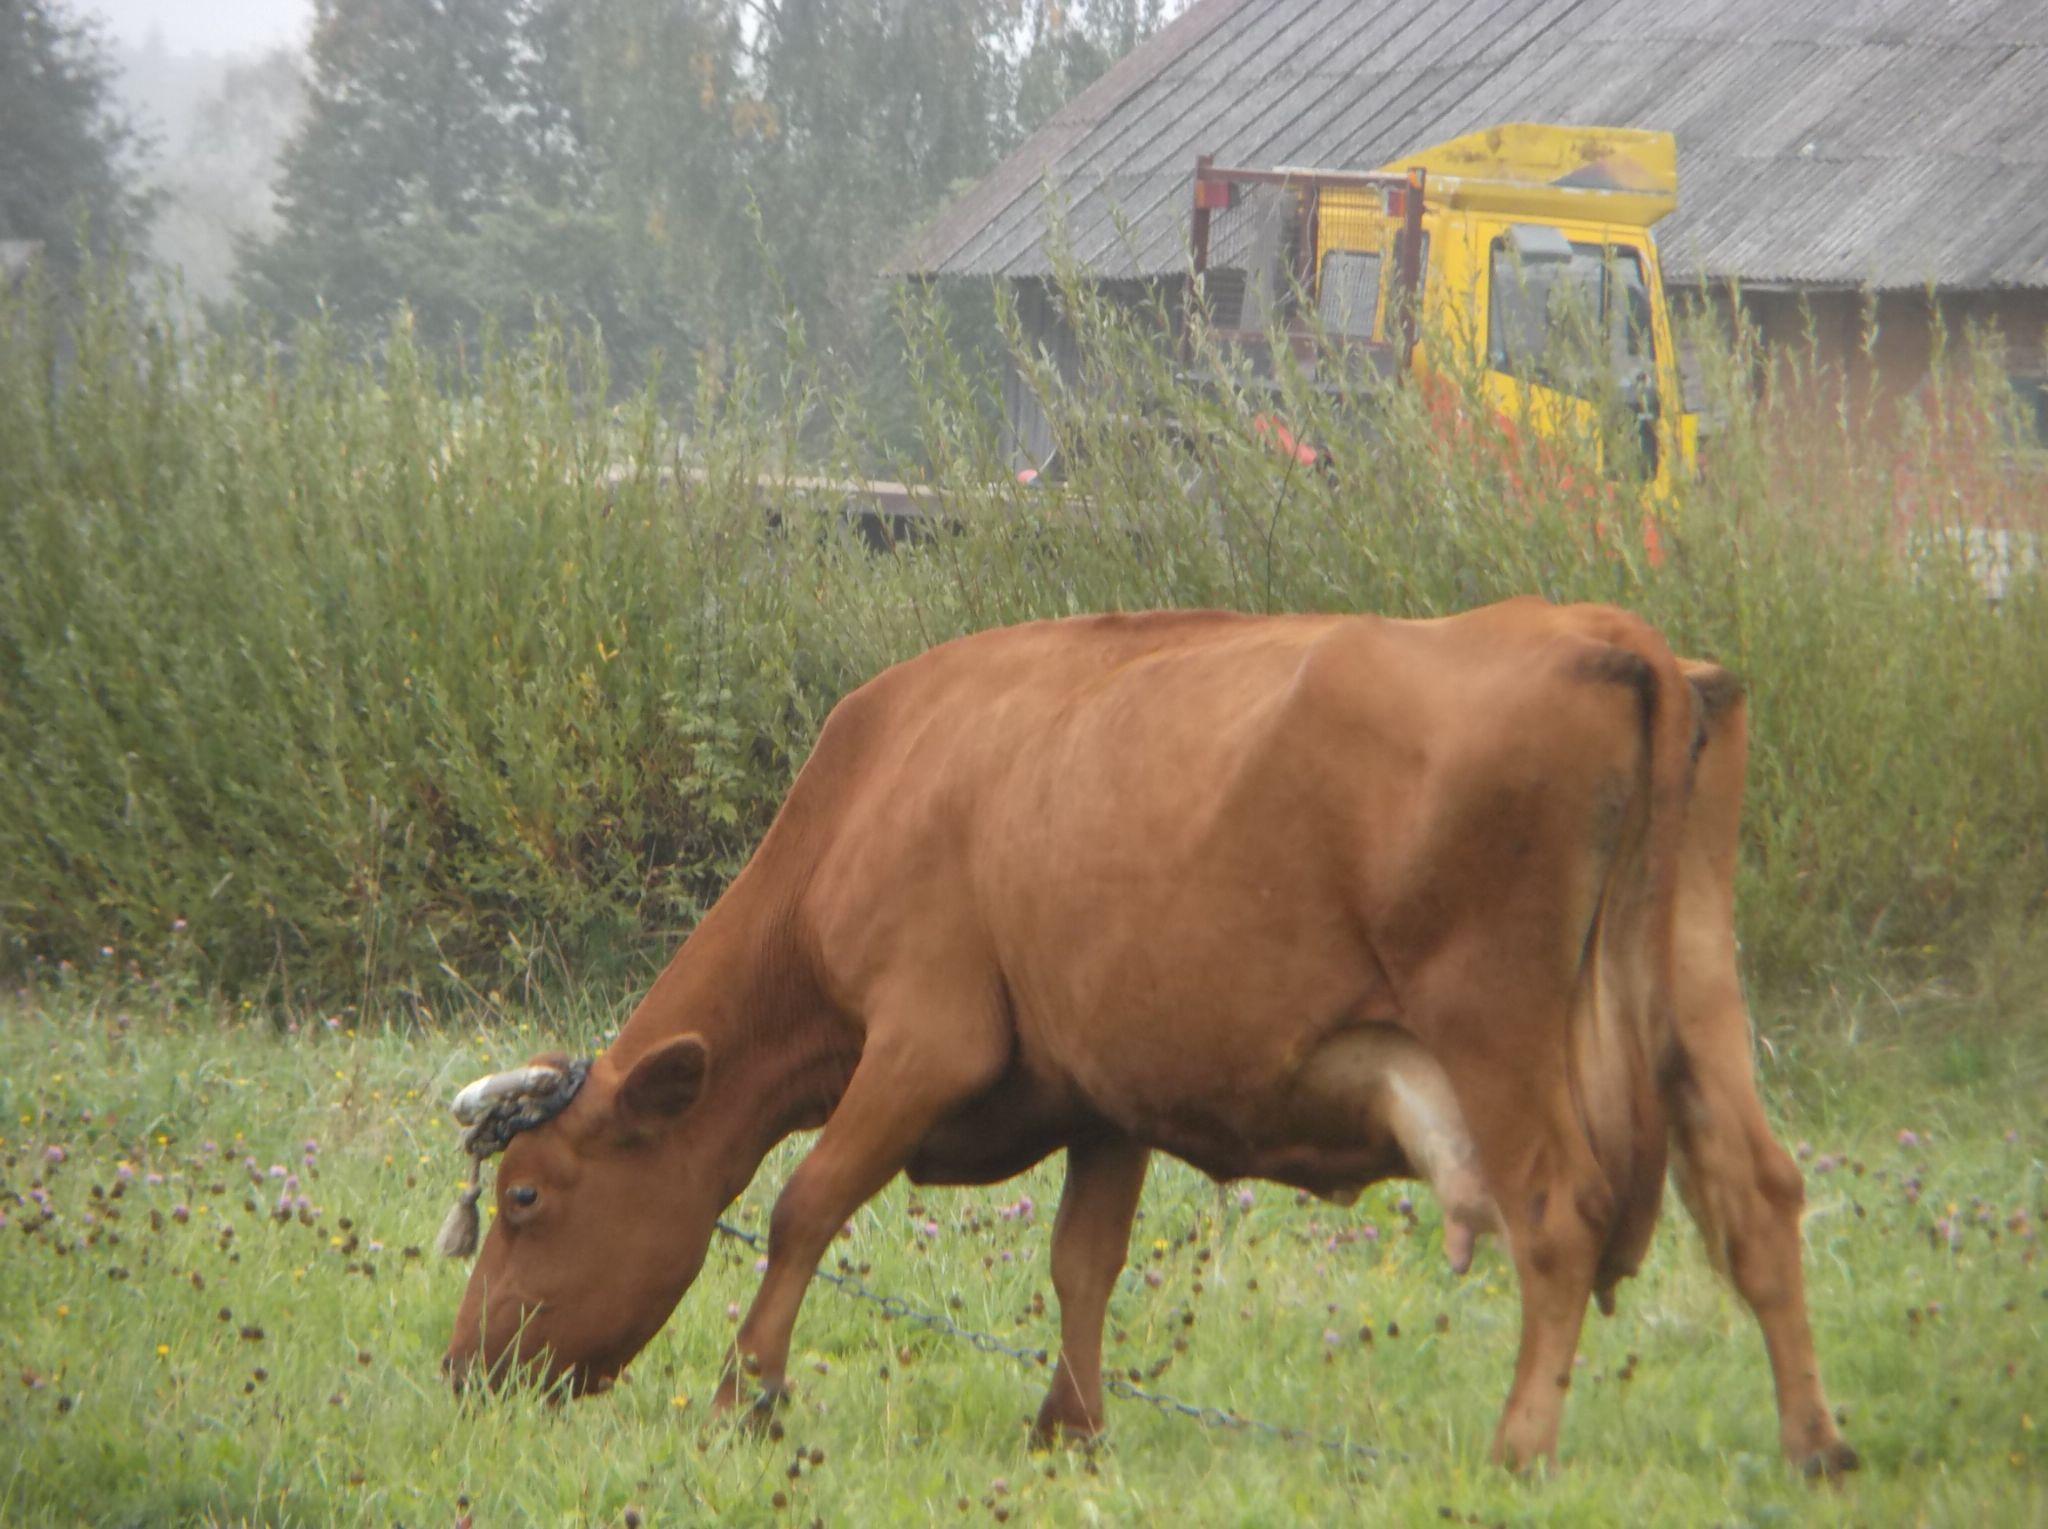 Cow by Zita Užkuraitienė